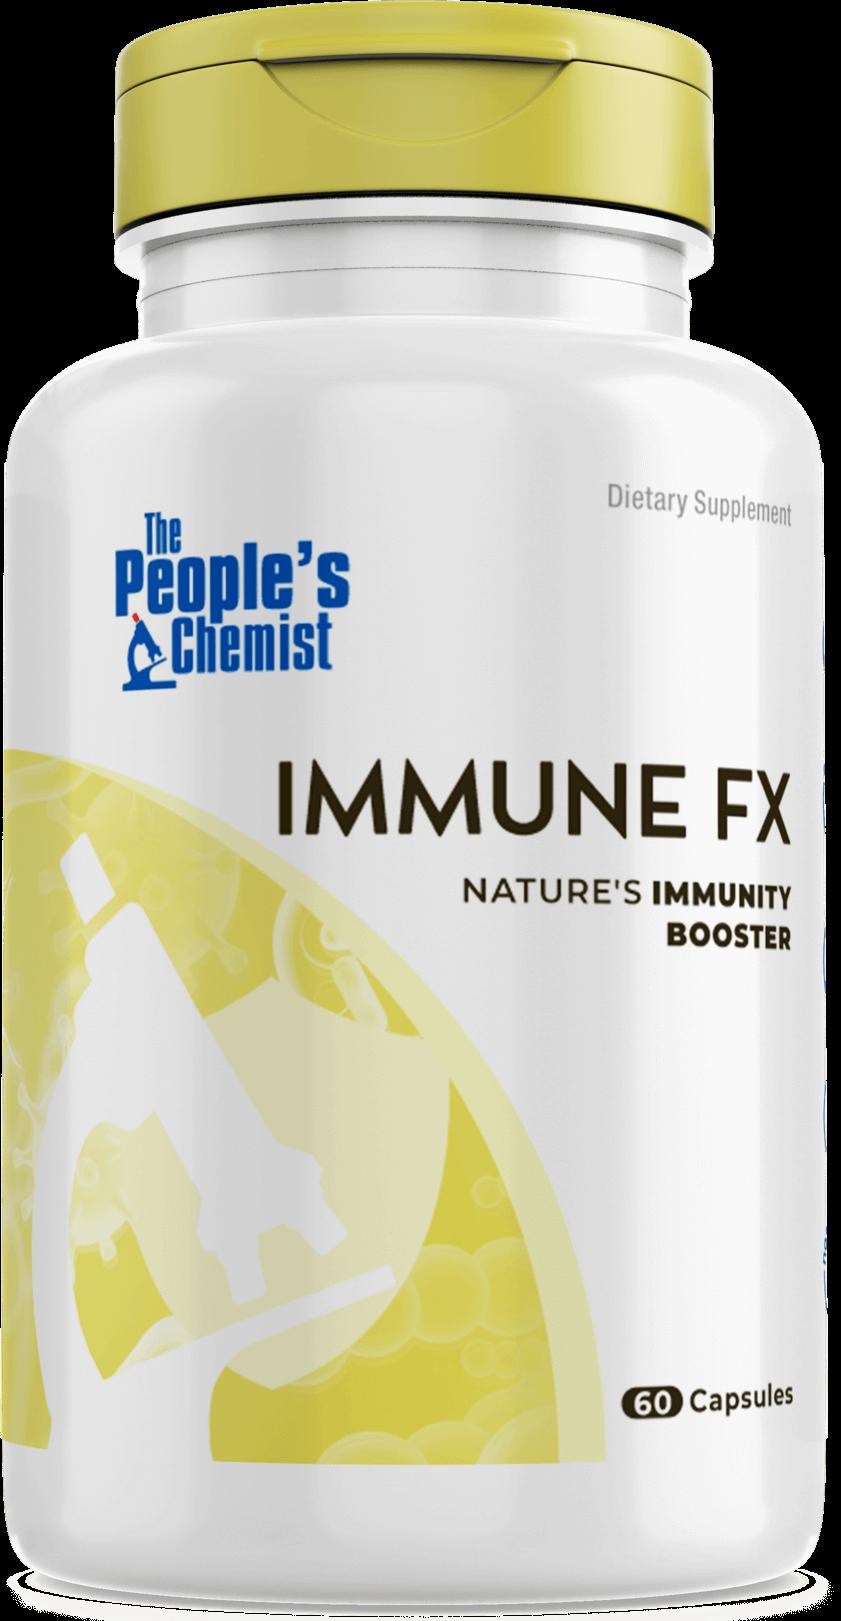 Immune FX